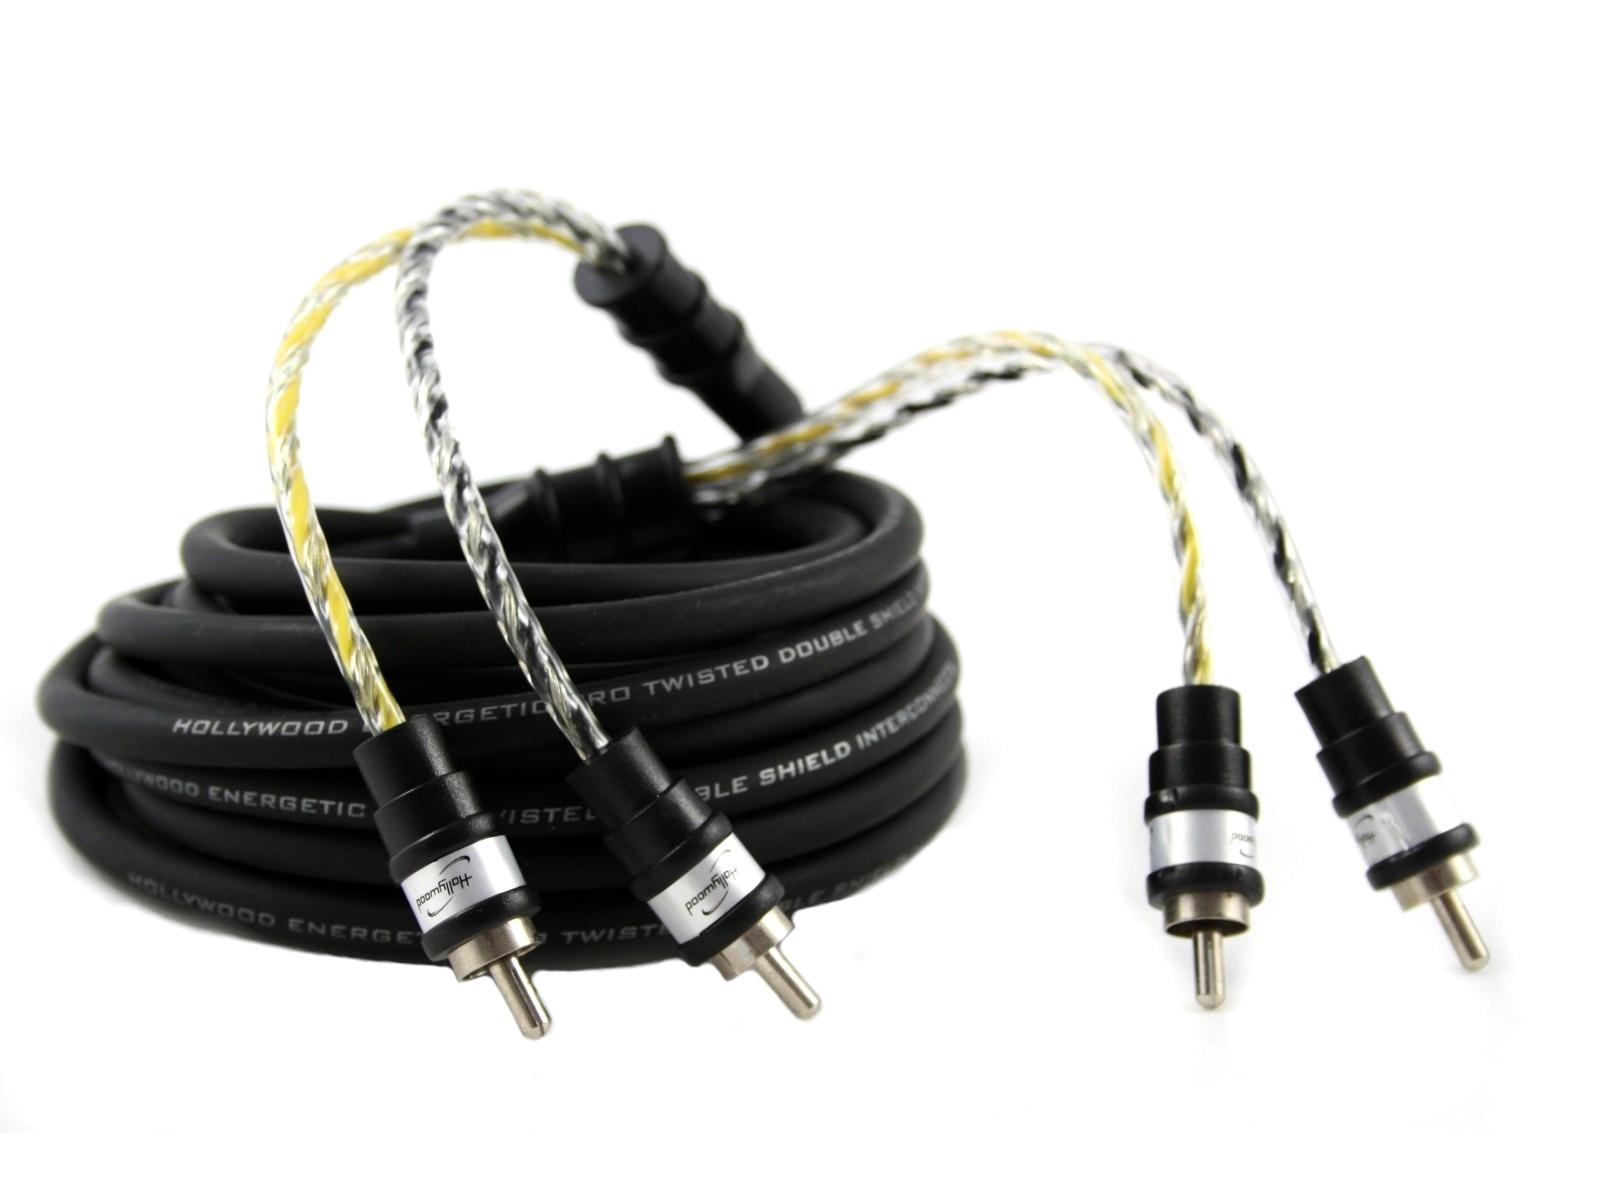 4 kanaals rca kabel 5 meter